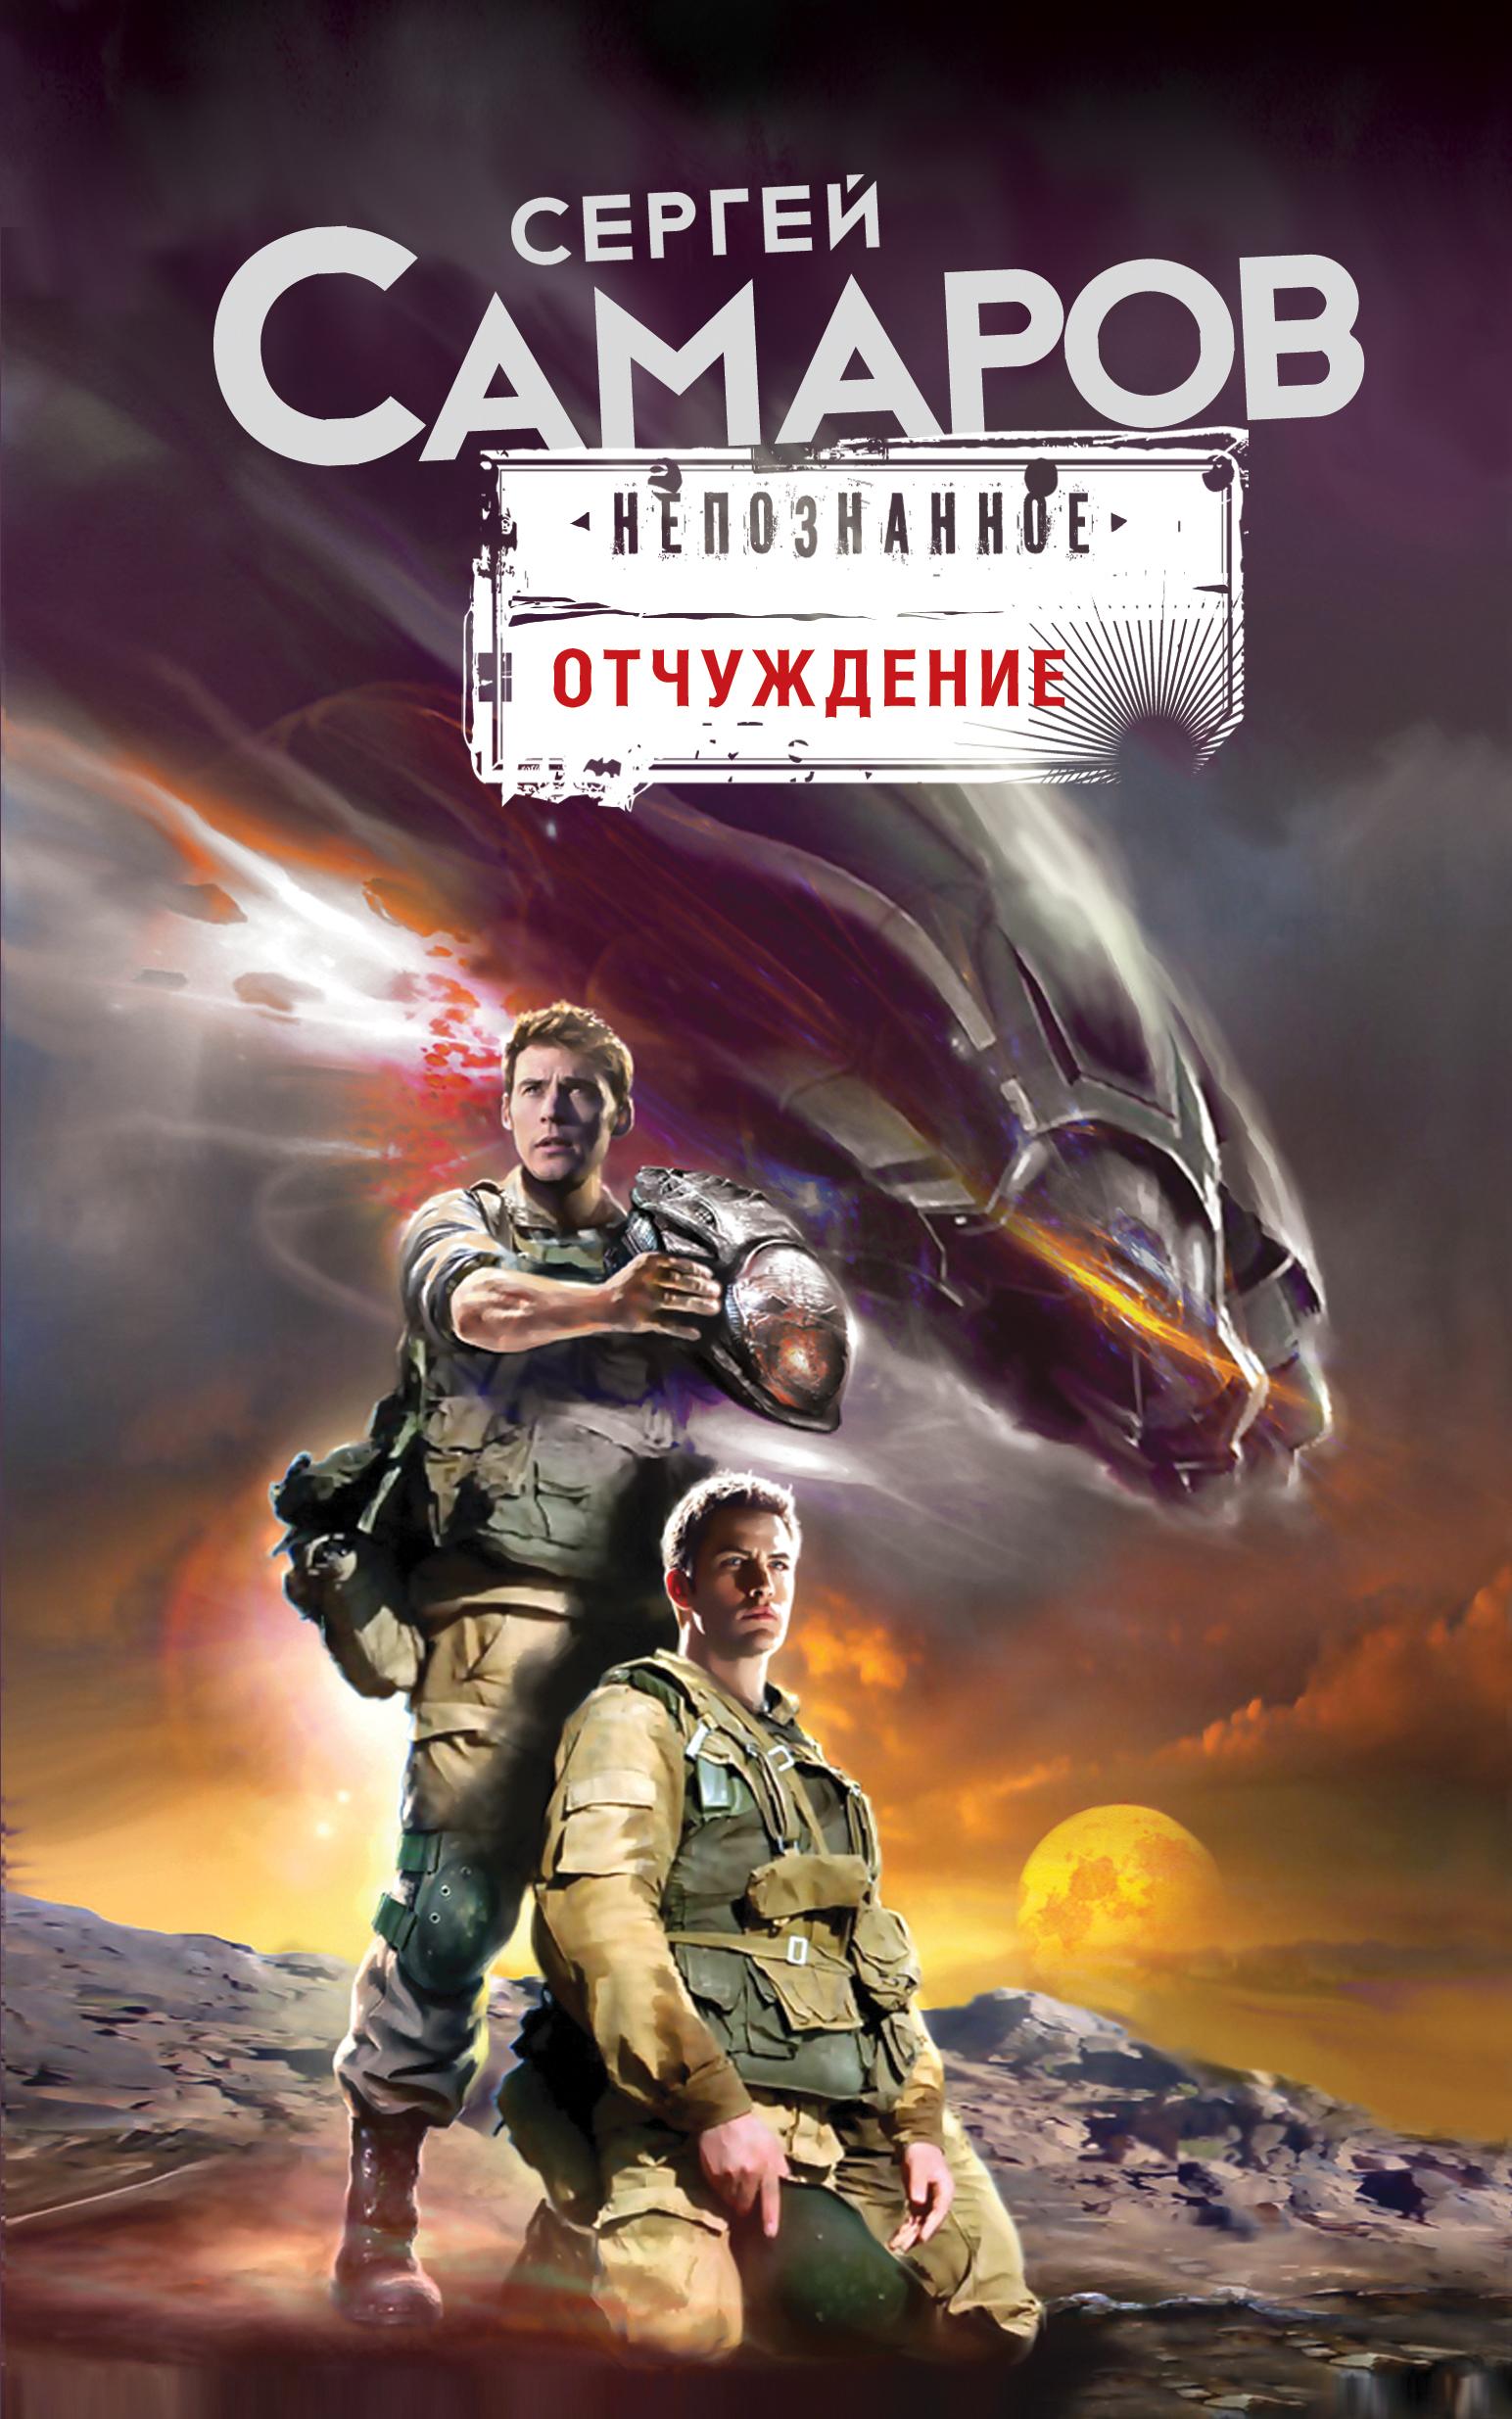 Самаров Сергей Васильевич Отчуждение